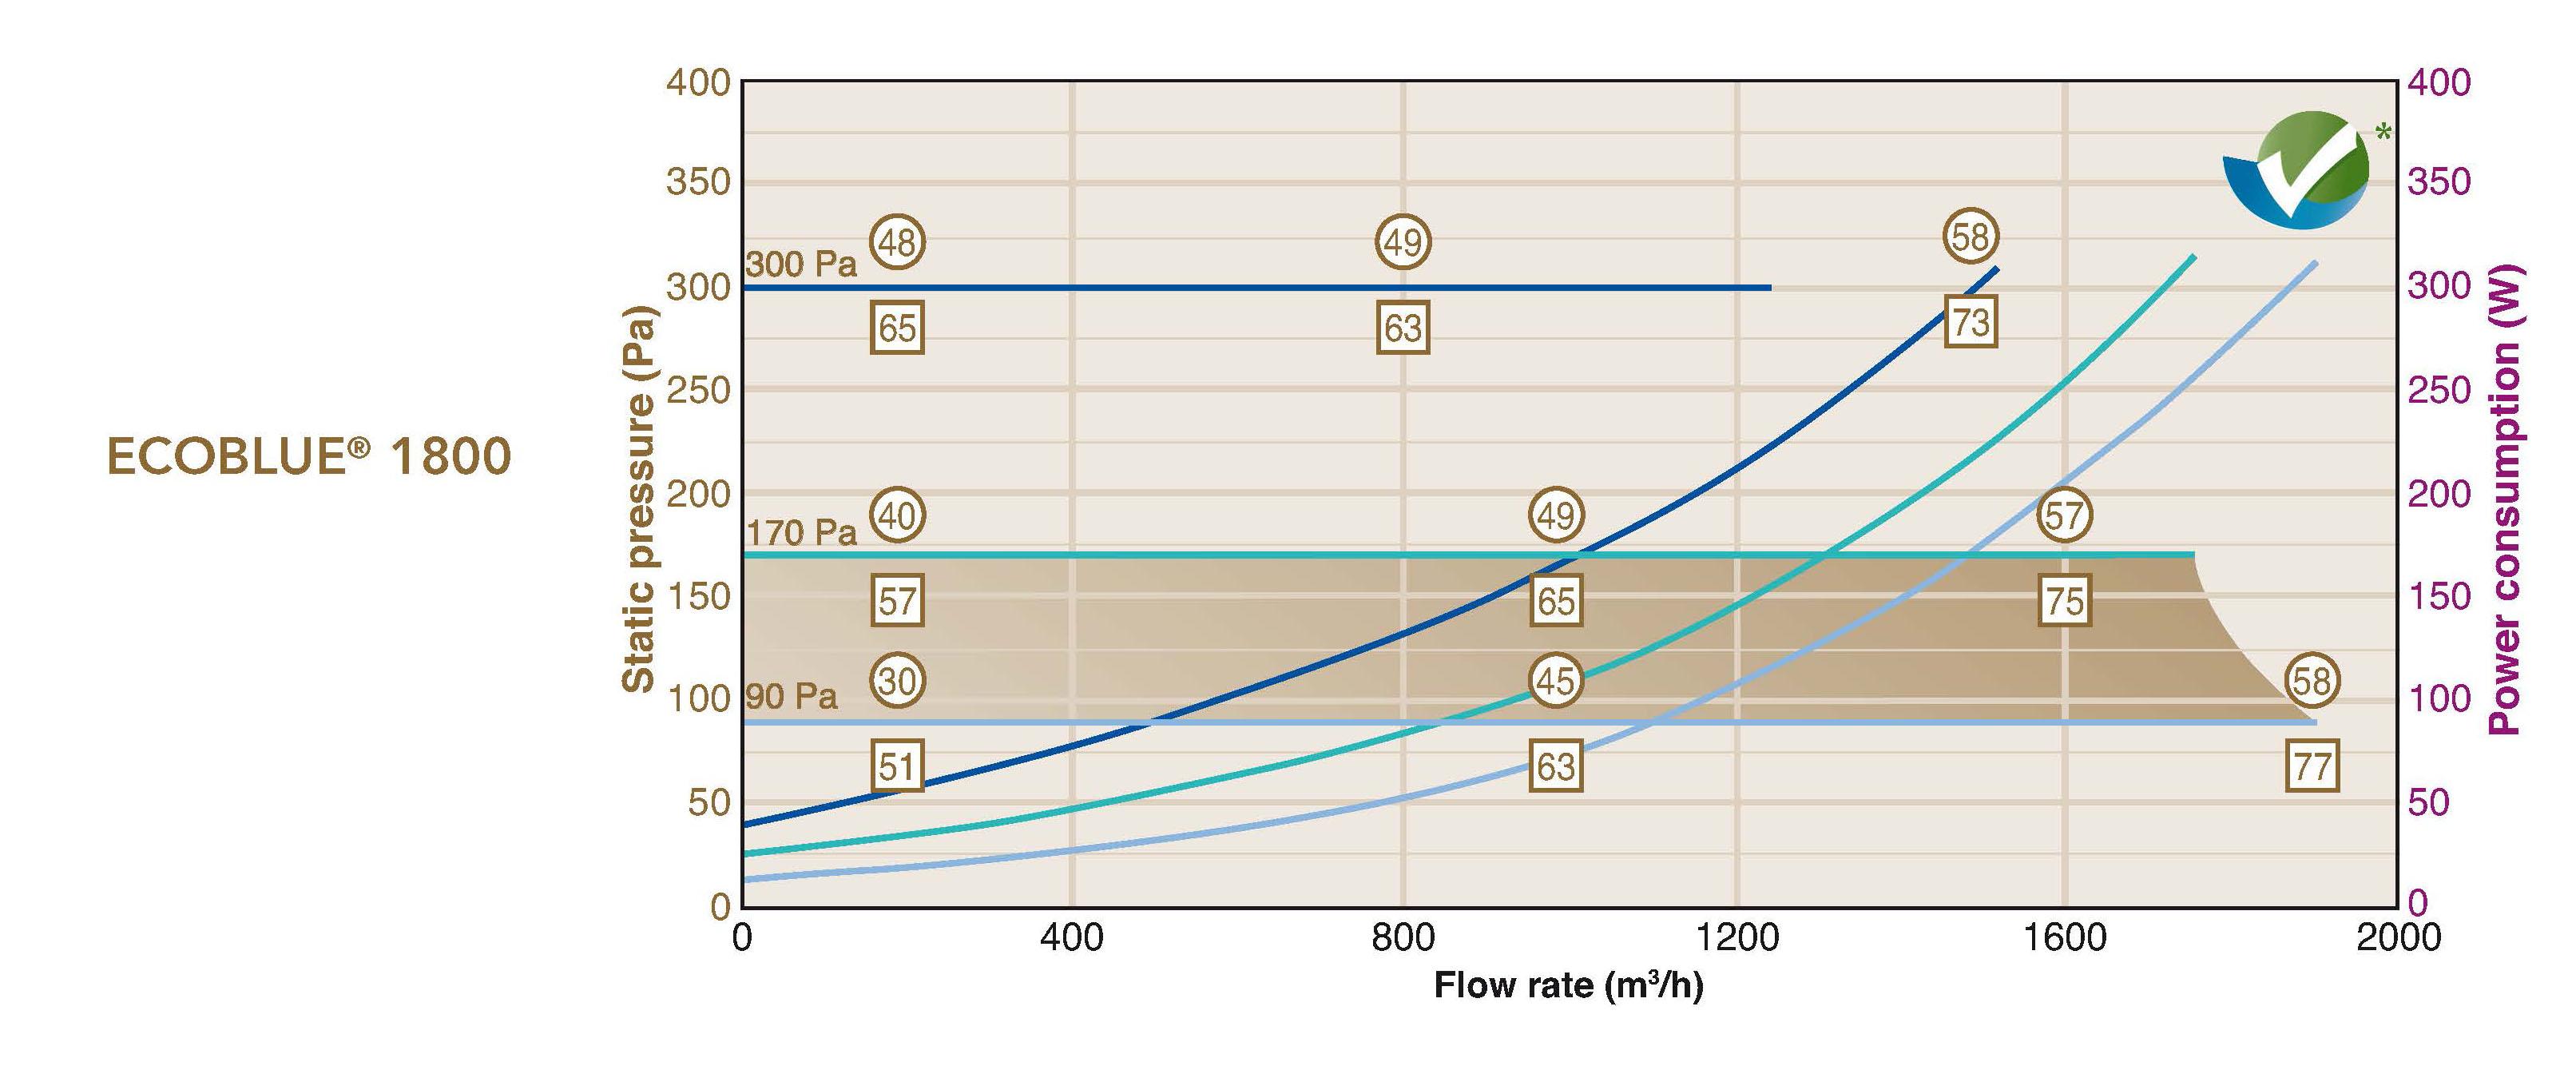 ecoblue 1800 flow rates